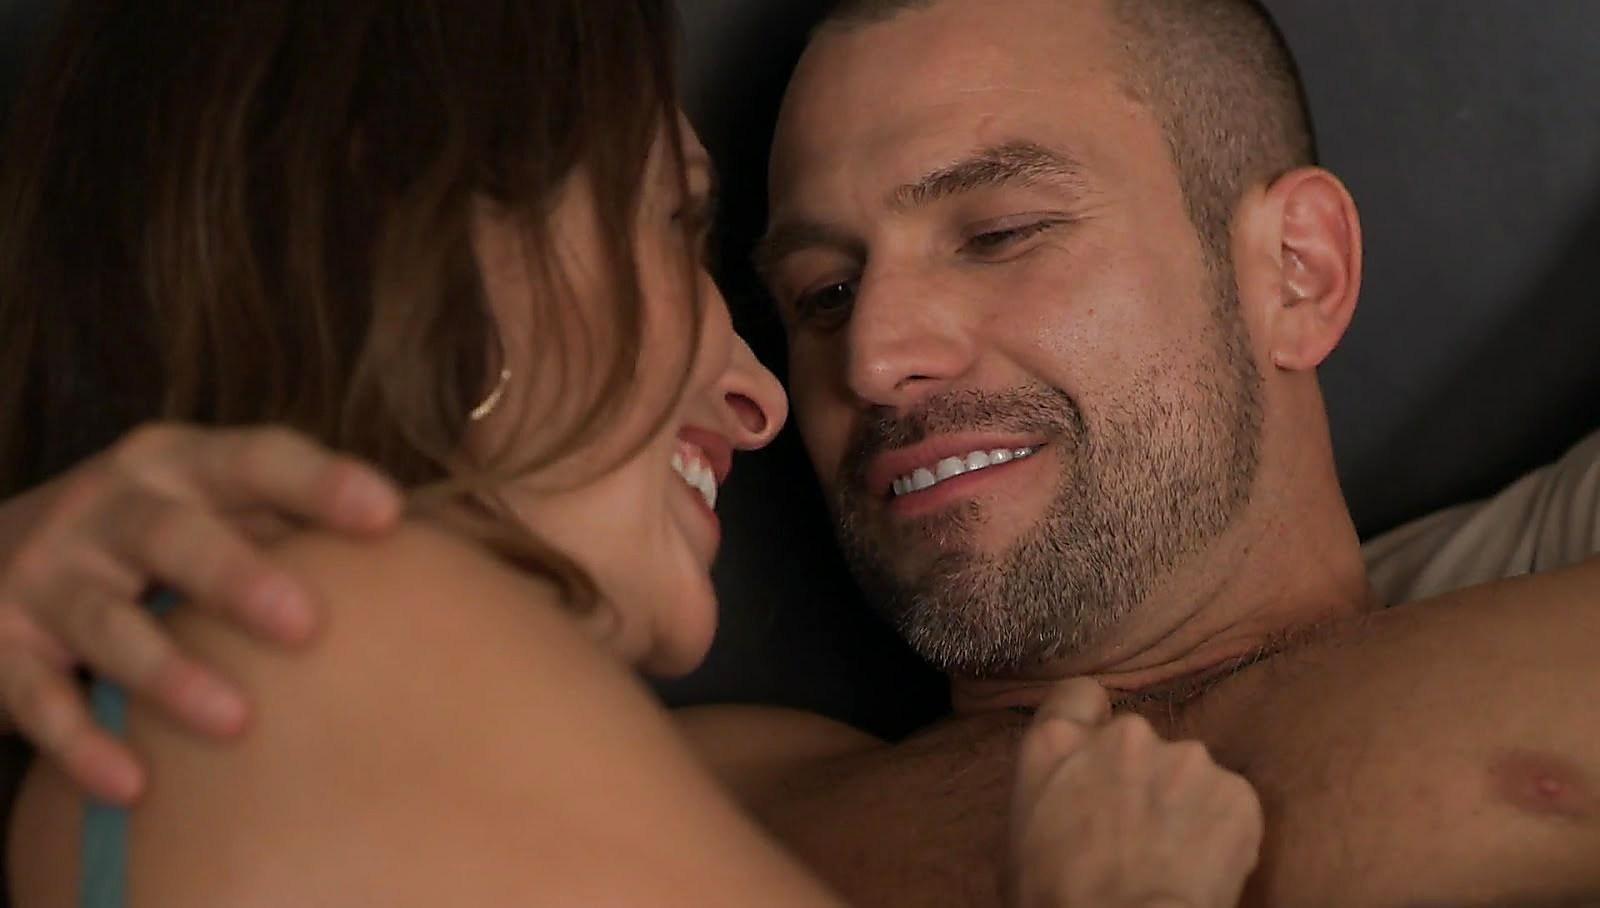 Rafael Amaya sexy shirtless scene September 1, 2017, 12pm